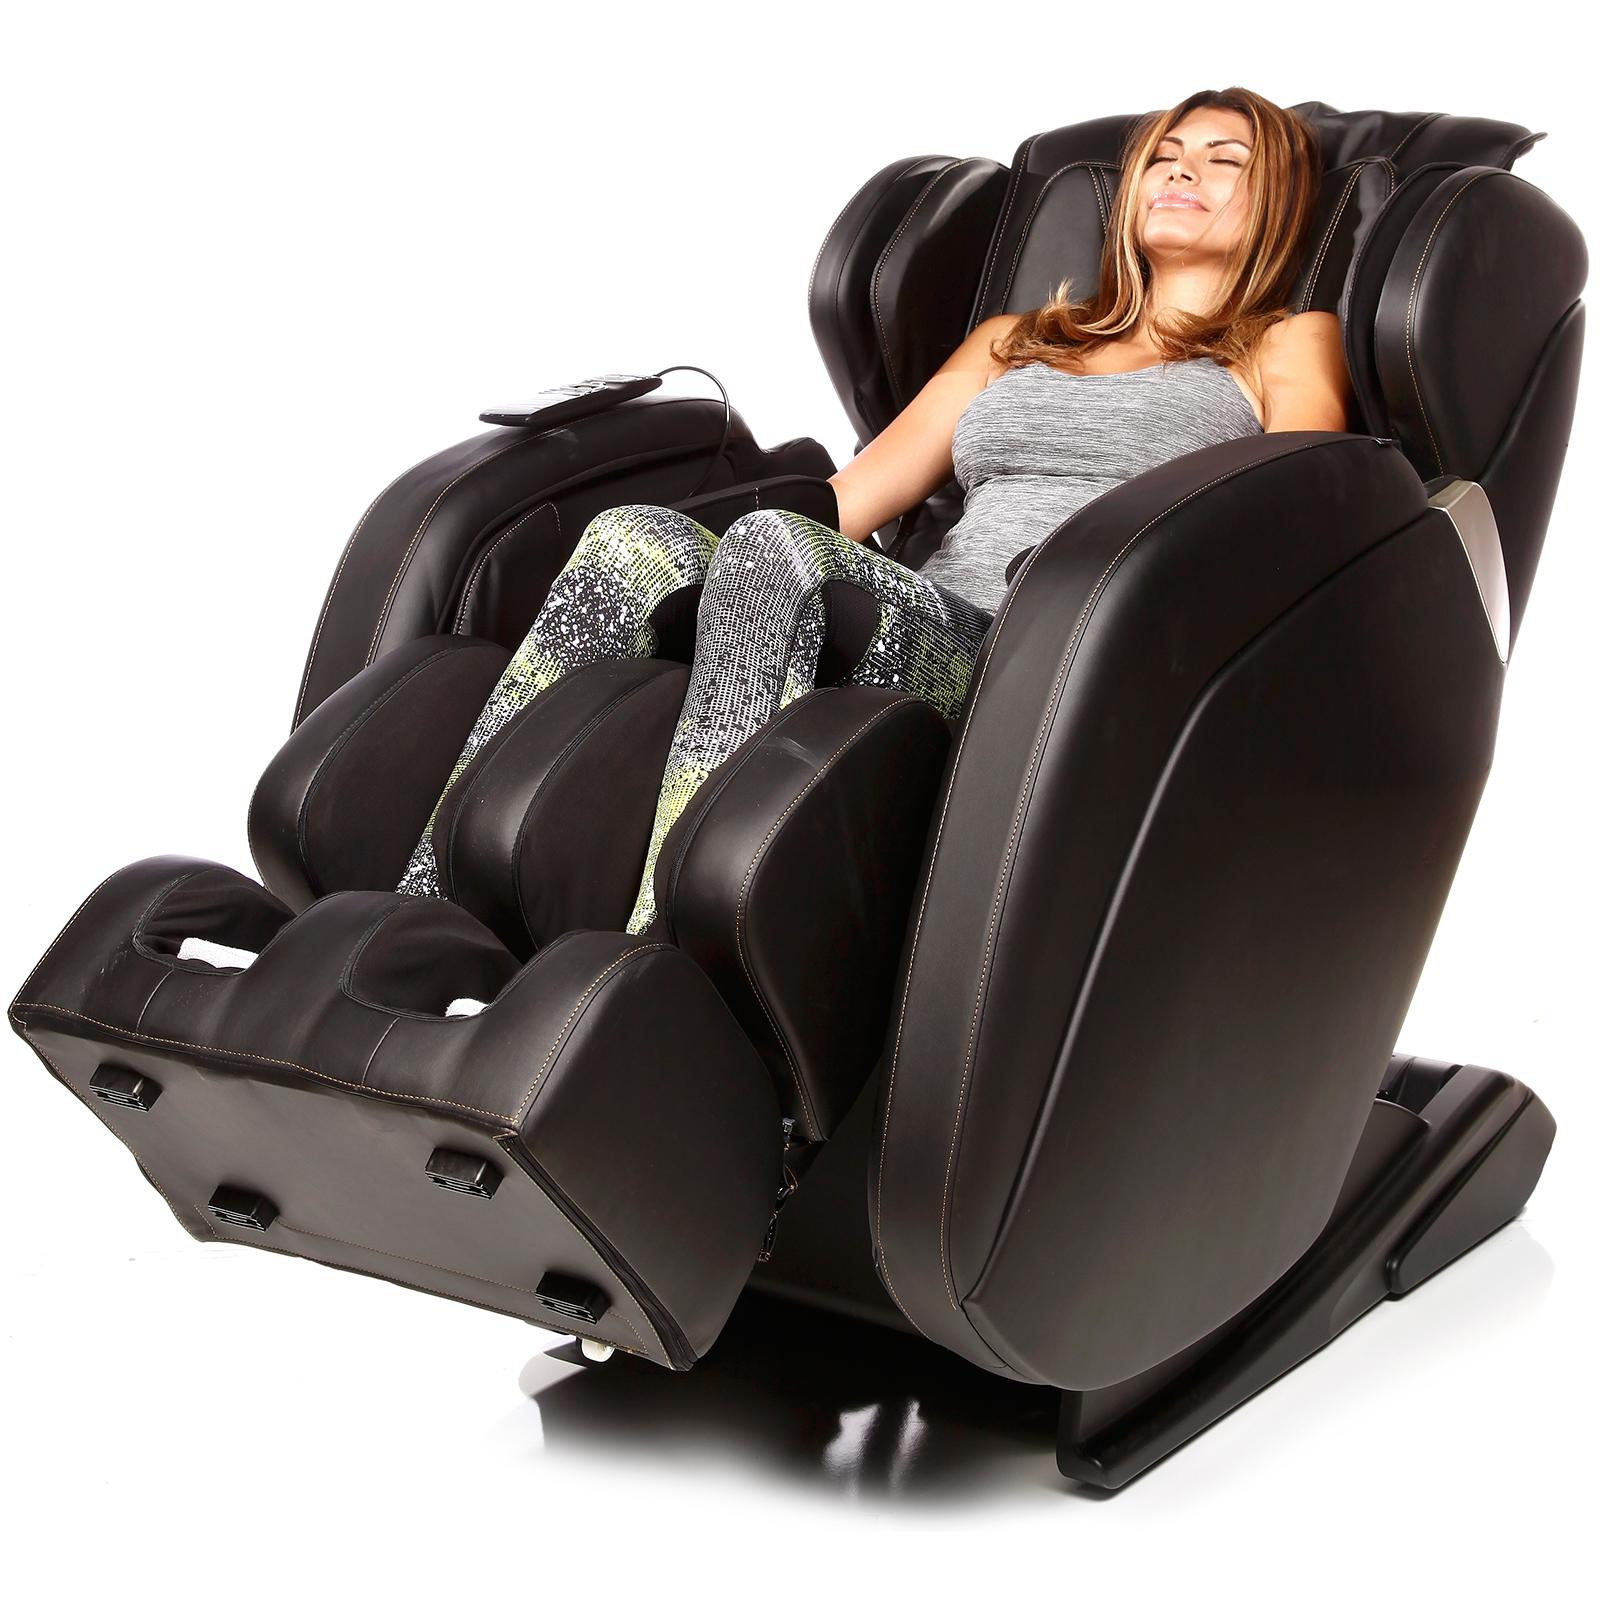 Ghế massage toàn thân dr care có công nghệ cảm biến 3D không?